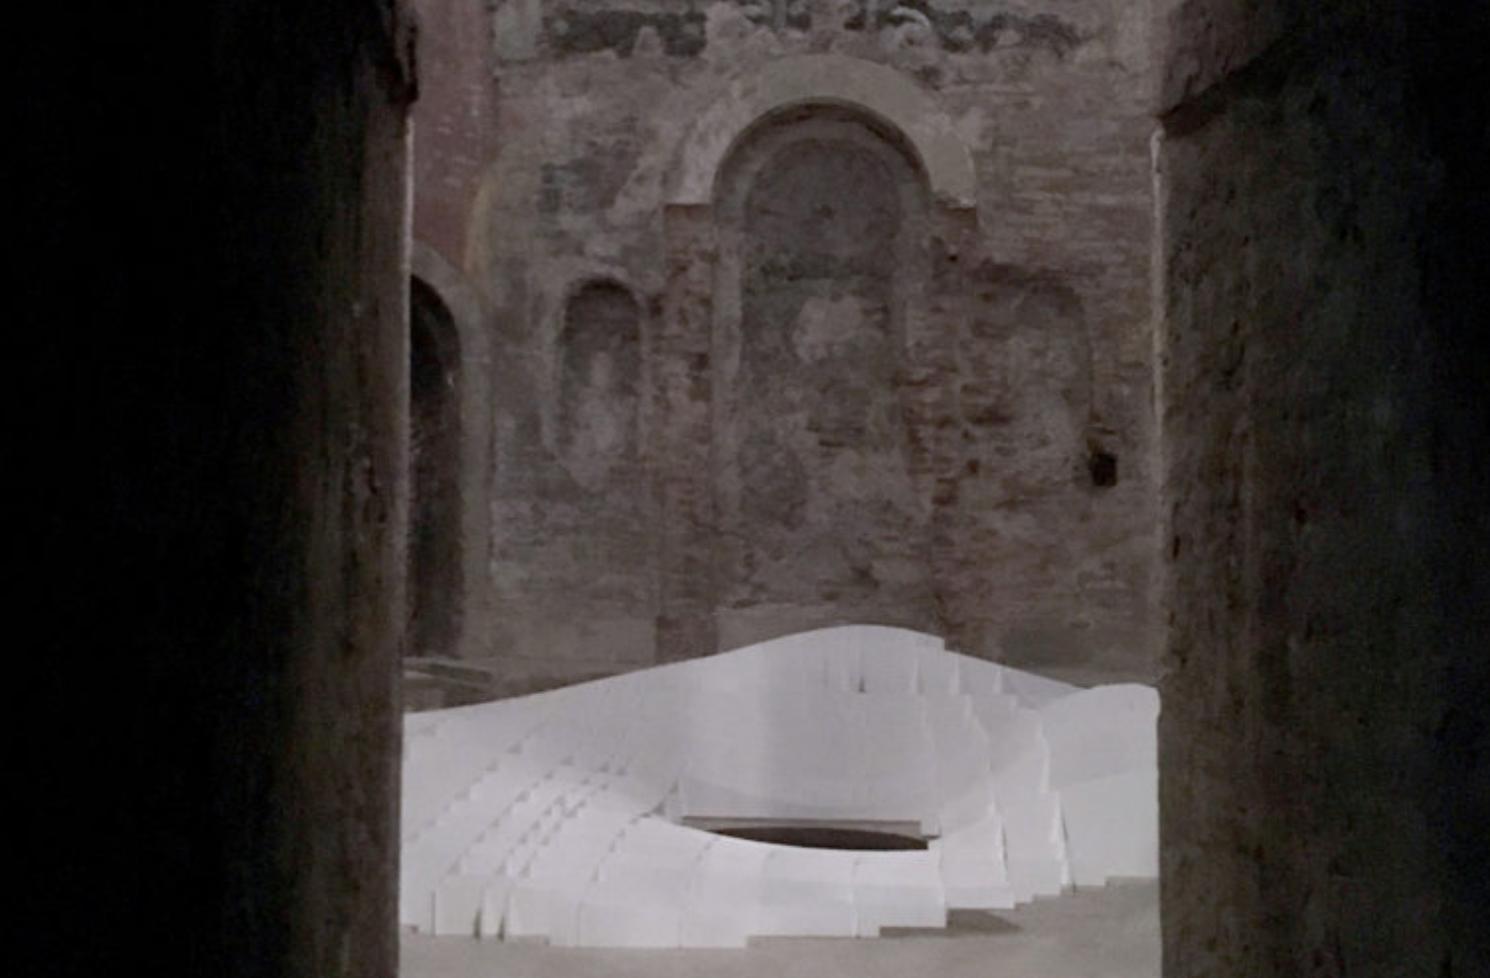 9Serena Piccinini, Cariddi, 2019